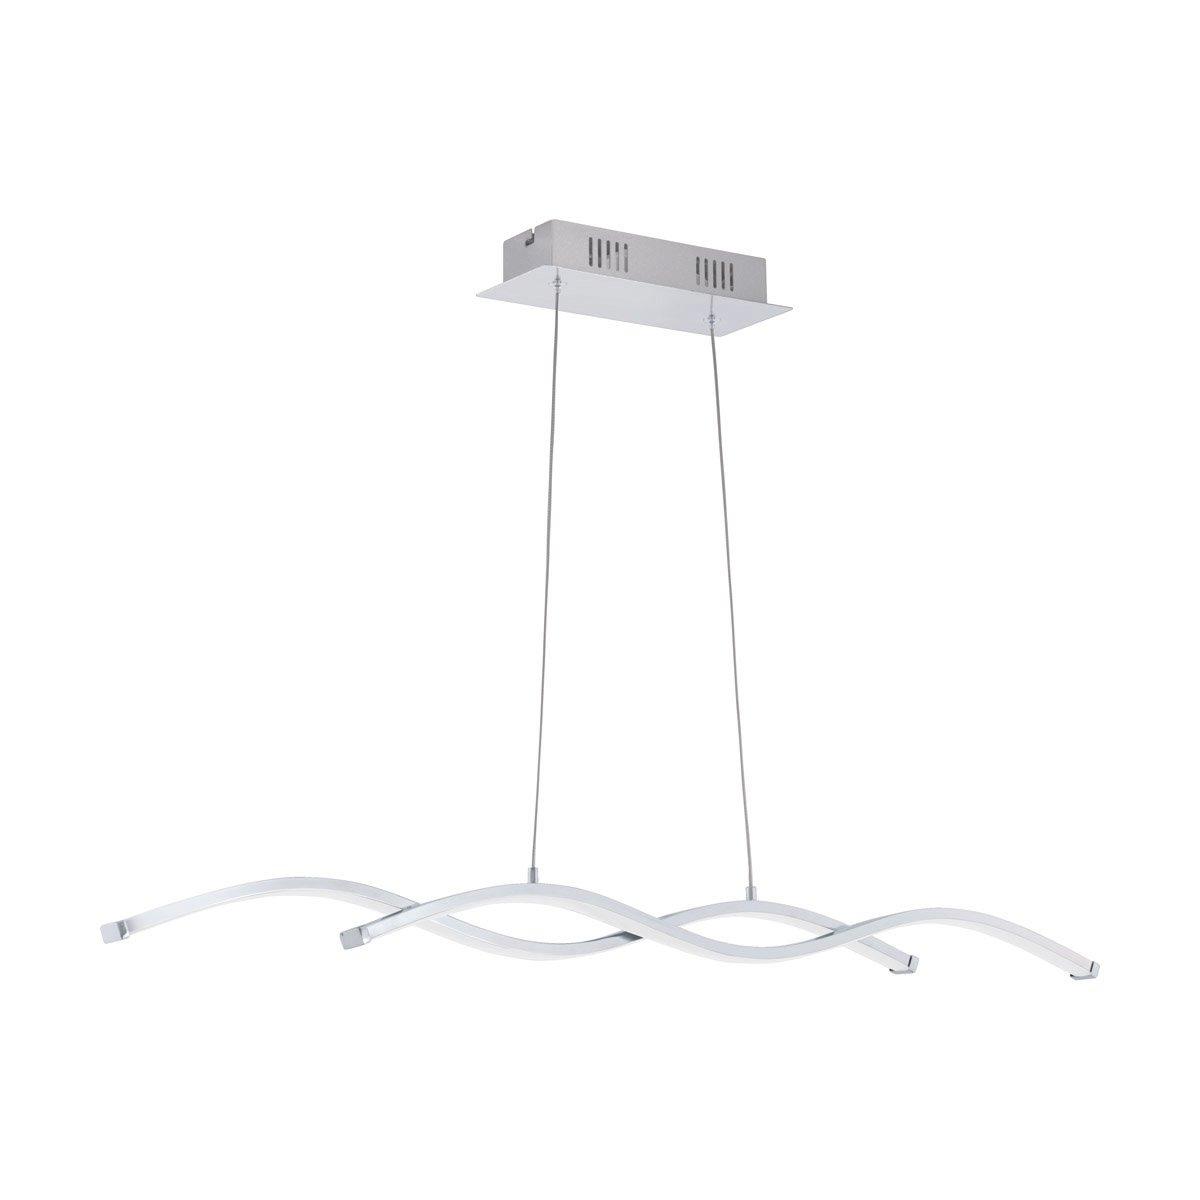 Eglo Hanglamp Lasana 2 design Eglo 96103